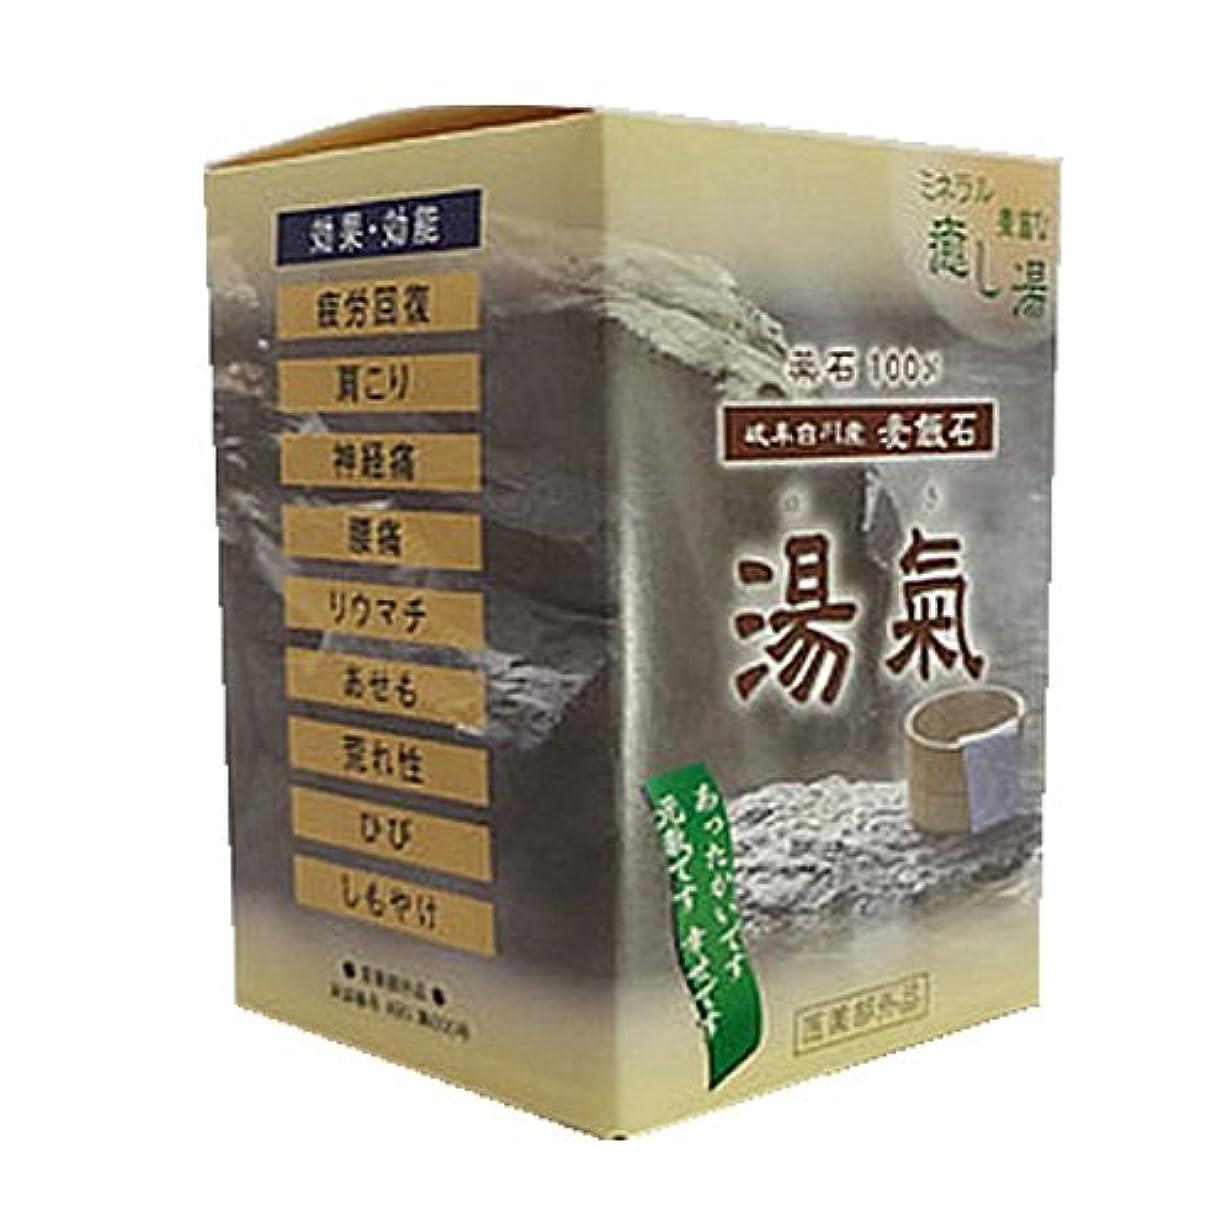 最大ポットペパーミント医薬部外品 岐阜白川産麦飯石 湯気(ゆき) K11781